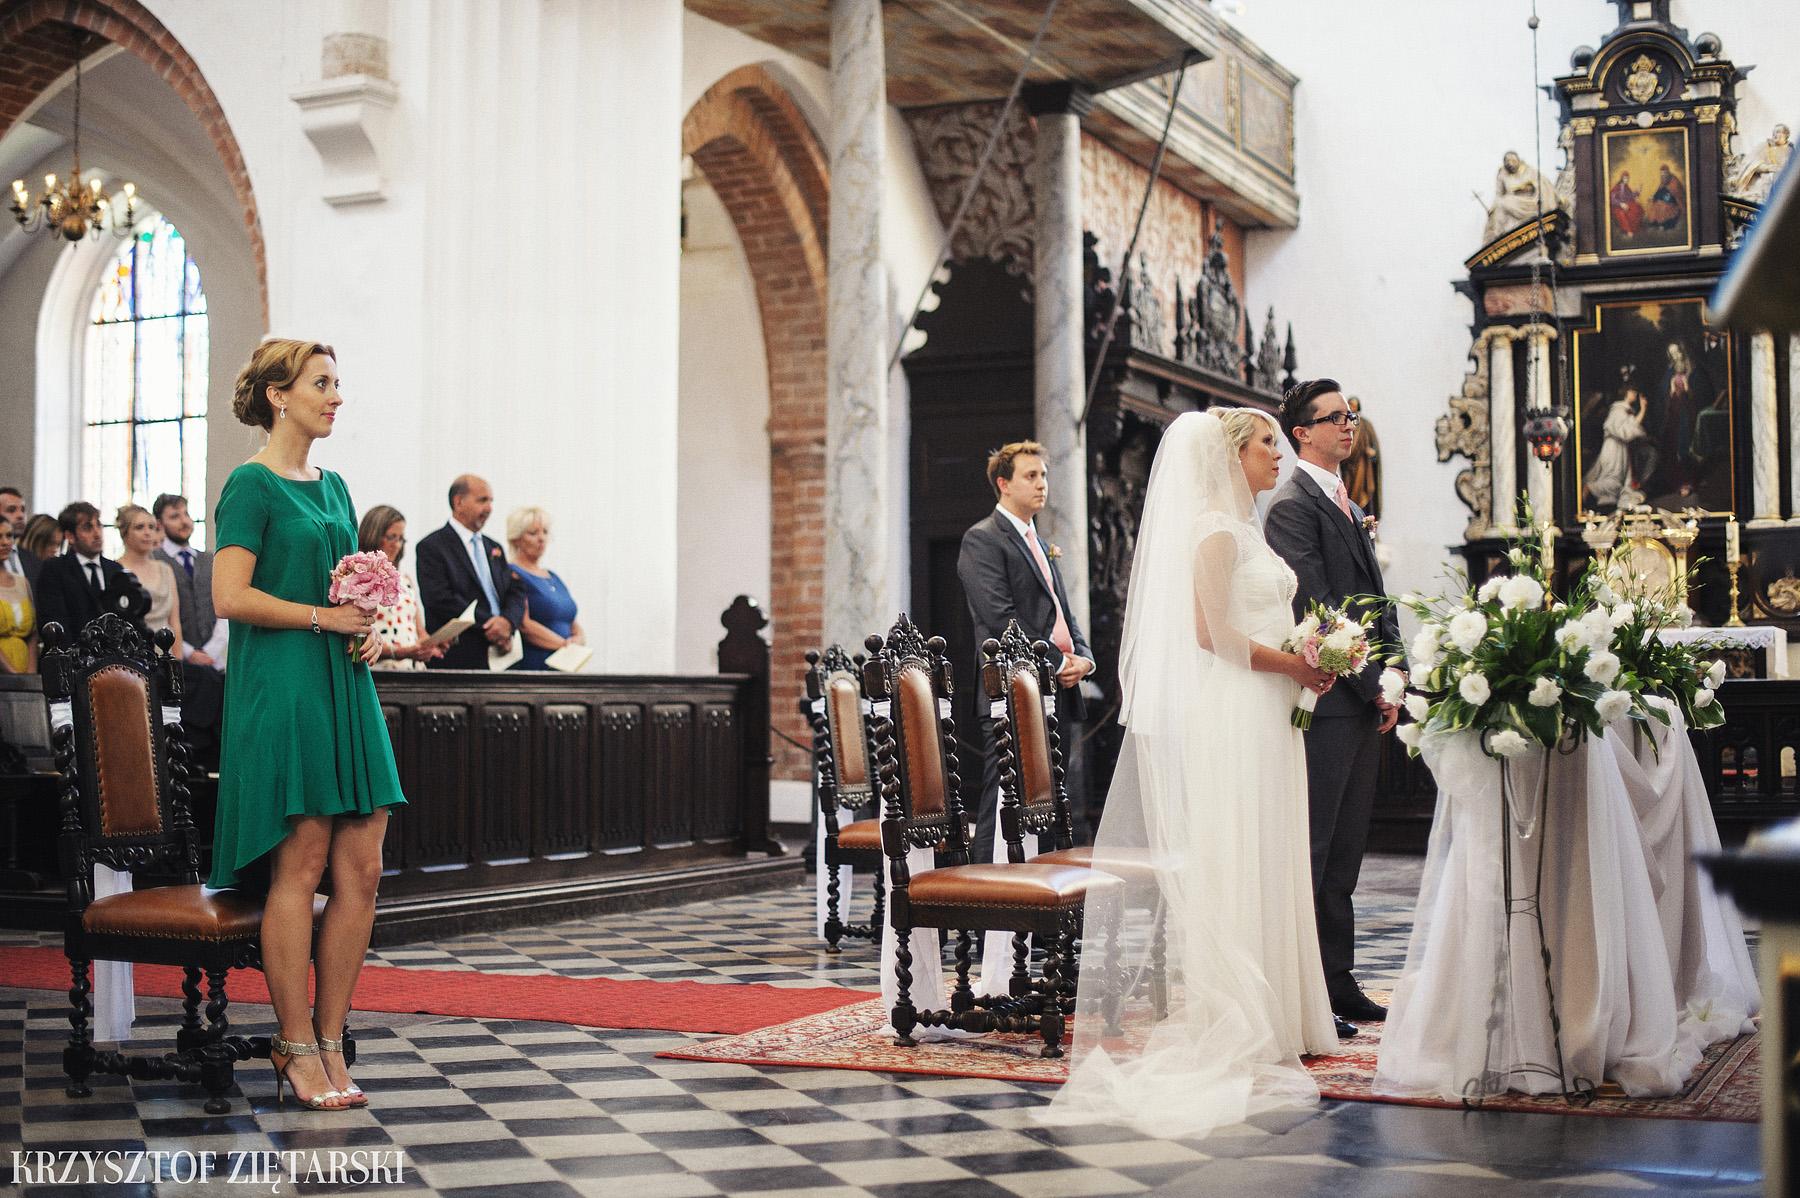 Marysia i Ollie - Fotografia ślubna Gdańsk, Katedra Oliwska, wesele Hotel Mera Sopot, plener Gdynia Orłowo - 14.